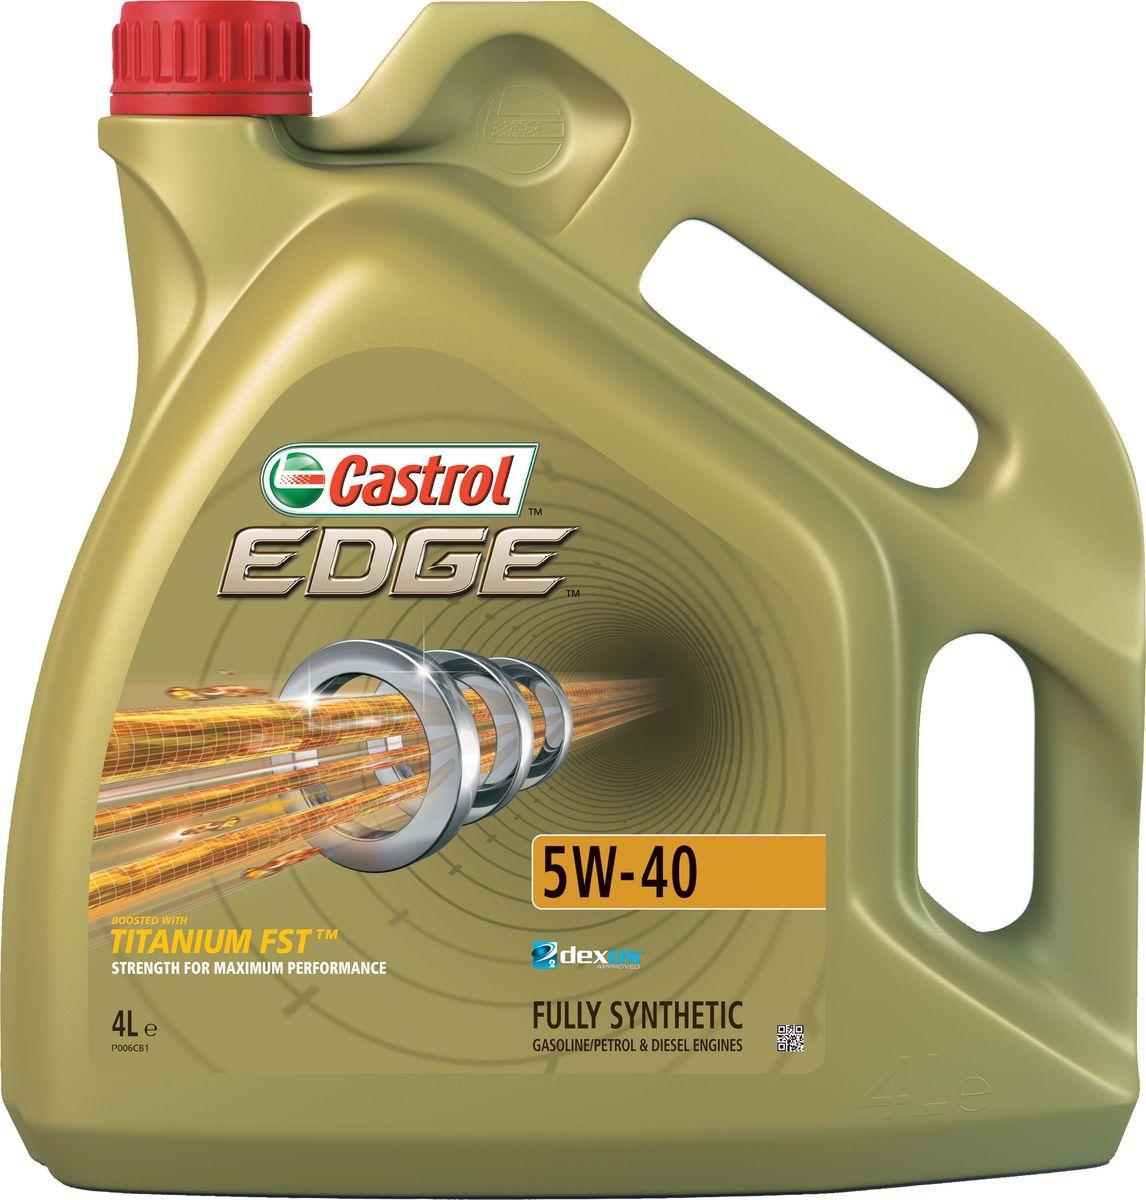 Моторное масло Castrol Edge5W-40, 4 л157B1CОписание Полностью синтетическое моторное масло Castrol EDGE произведено с использованием новейшей технологии TITANIUM FST™, придающей масляной пленке дополнительную силу и прочность благодаря соединениям титана. TITANIUM FST™ радикально меняет поведение масла в условиях экстремальных нагрузок, формируя дополнительный ударопоглащающий слой. Испытания подтвердили, что TITANIUM FST™ в 2 раза увеличивает прочность пленки, предотвращая ее разрыв и снижая трение для максимальной производительности двигателя. С Castrol EDGE Ваш автомобиль готов к любым испытаниям независимо от дорожных условий. Применение Castrol EDGE 5W-40 предназначено для бензиновых и дизельных двигателей автомобилей, где производитель рекомендует моторные масла спецификаций ACEA C3, API SN или более ранних. Castrol EDGE 5W-40 одобрено к применению ведущими производителями техники (см. раздел спецификаций и руководство по эксплуатации автомобиля). *GM dexos2®: заменяет GM-LL-B-025 and GM-LL-A-025 : GB2D0715082...